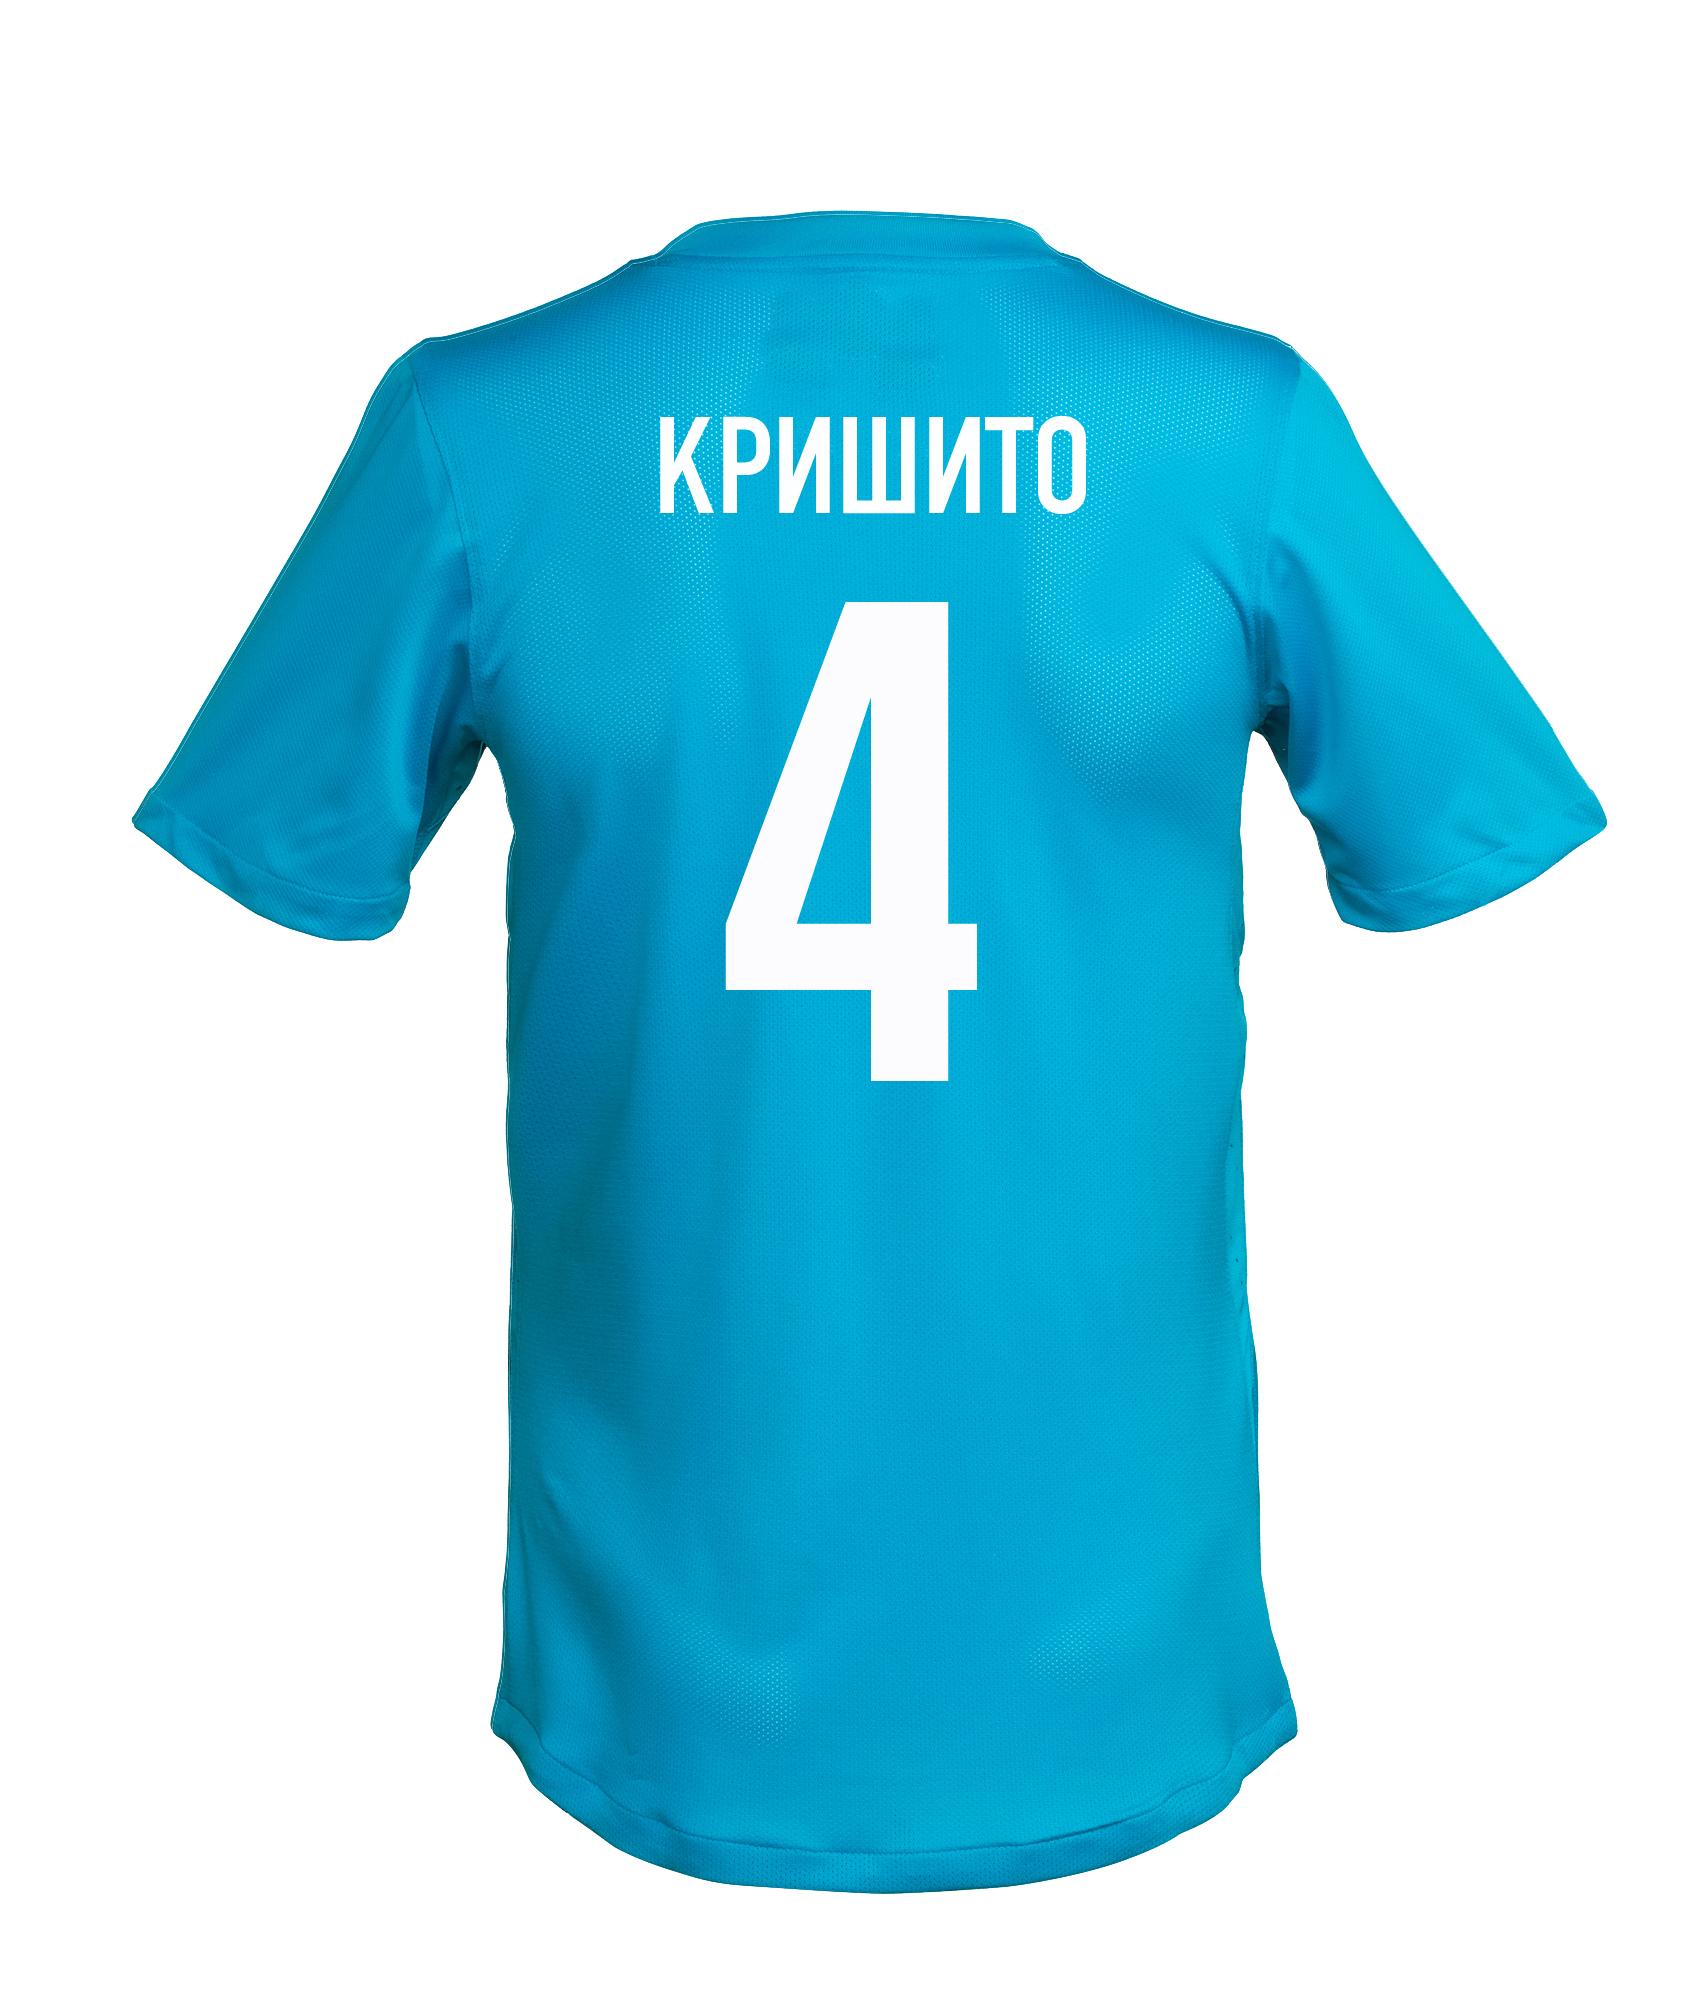 Игровая футболка с фамилией и номером Д. Кришито, Цвет-Синий, Размер-S